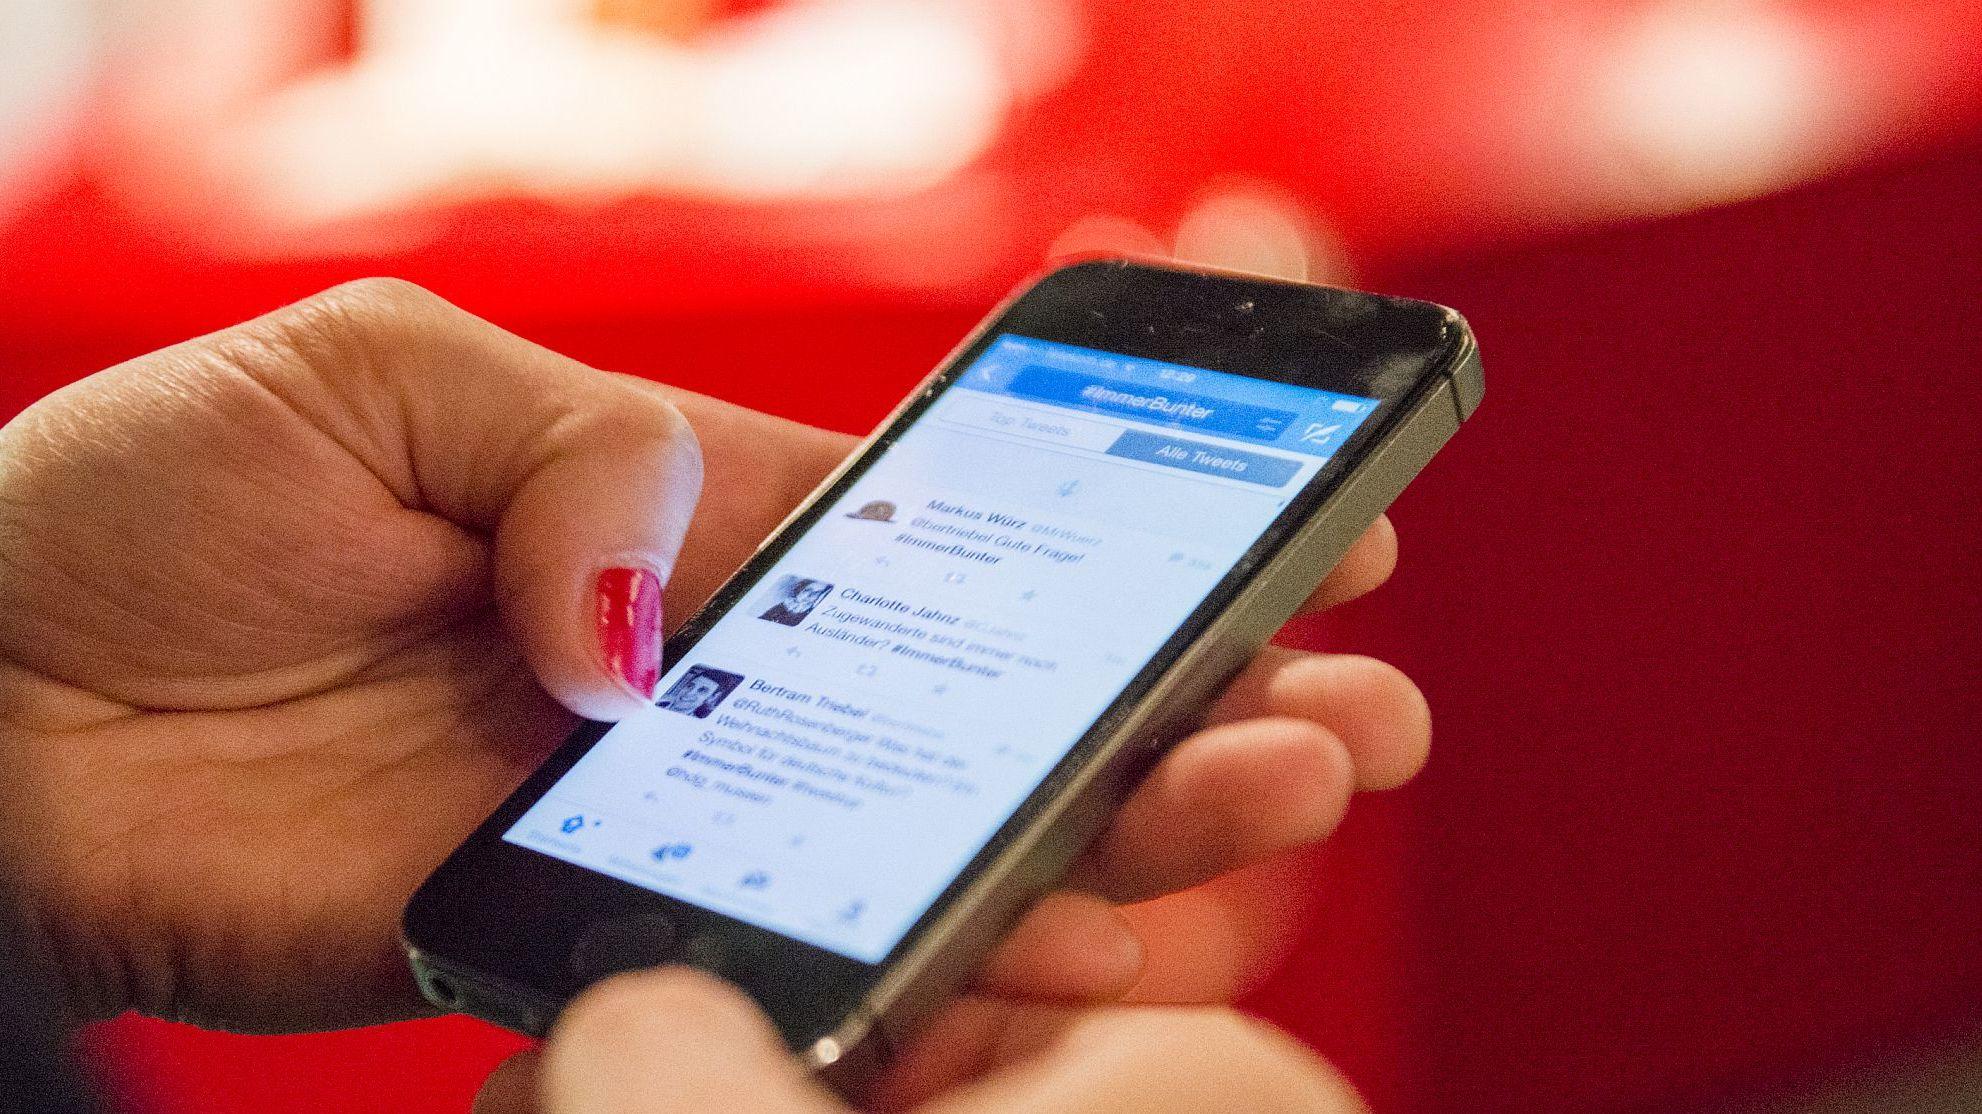 Detailaufnahme Smartphone mit Twitter-Stream